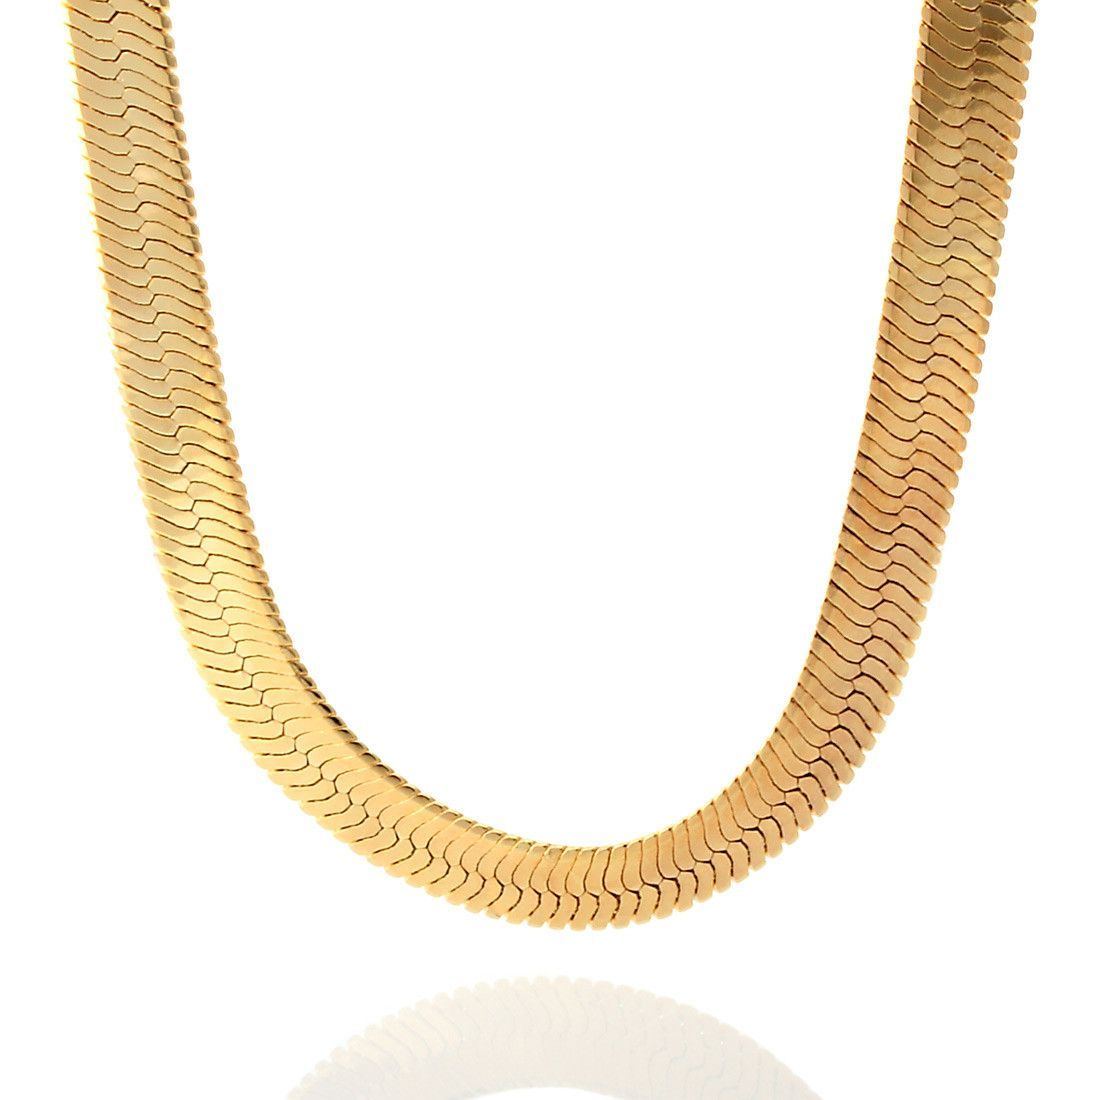 41faaf886edd4 10mm King Ice 14K Gold Thin Herringbone Chain | celebs | Gold ...